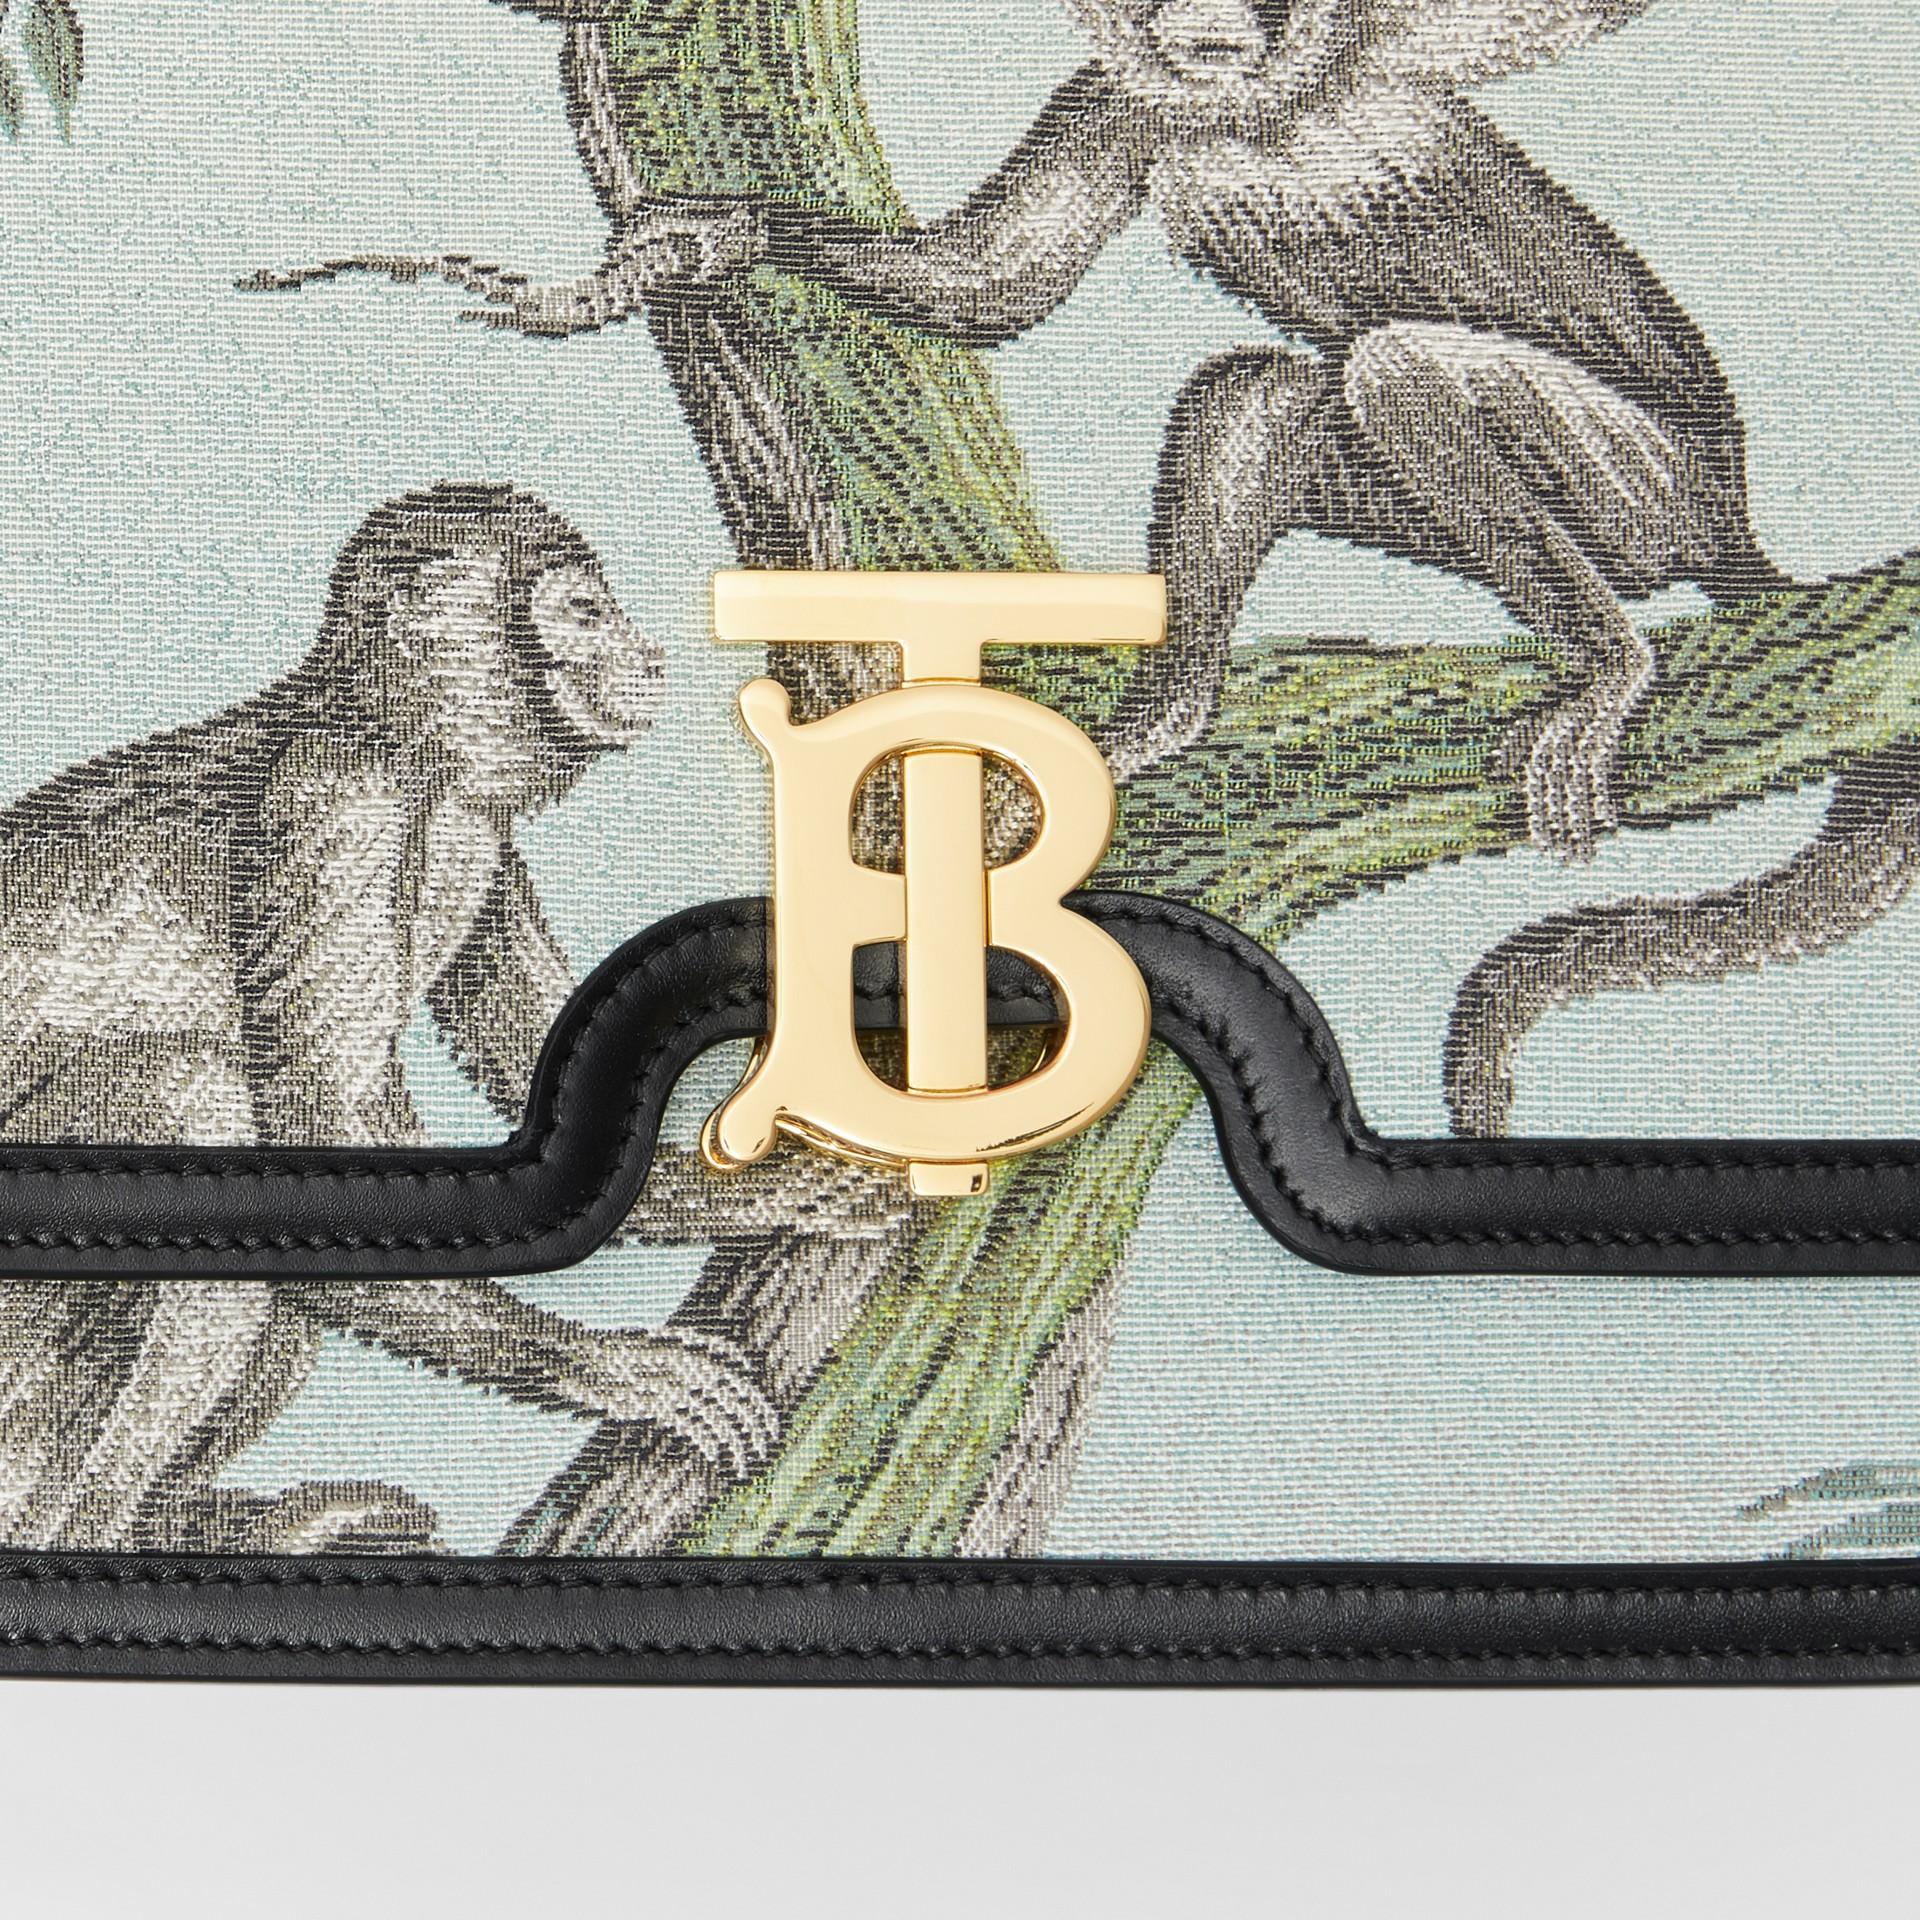 Bolsa TB de couro com recorte de macacos em jacquard - Pequena (Preto/verde Opala) - Mulheres | Burberry - galeria de imagens 1